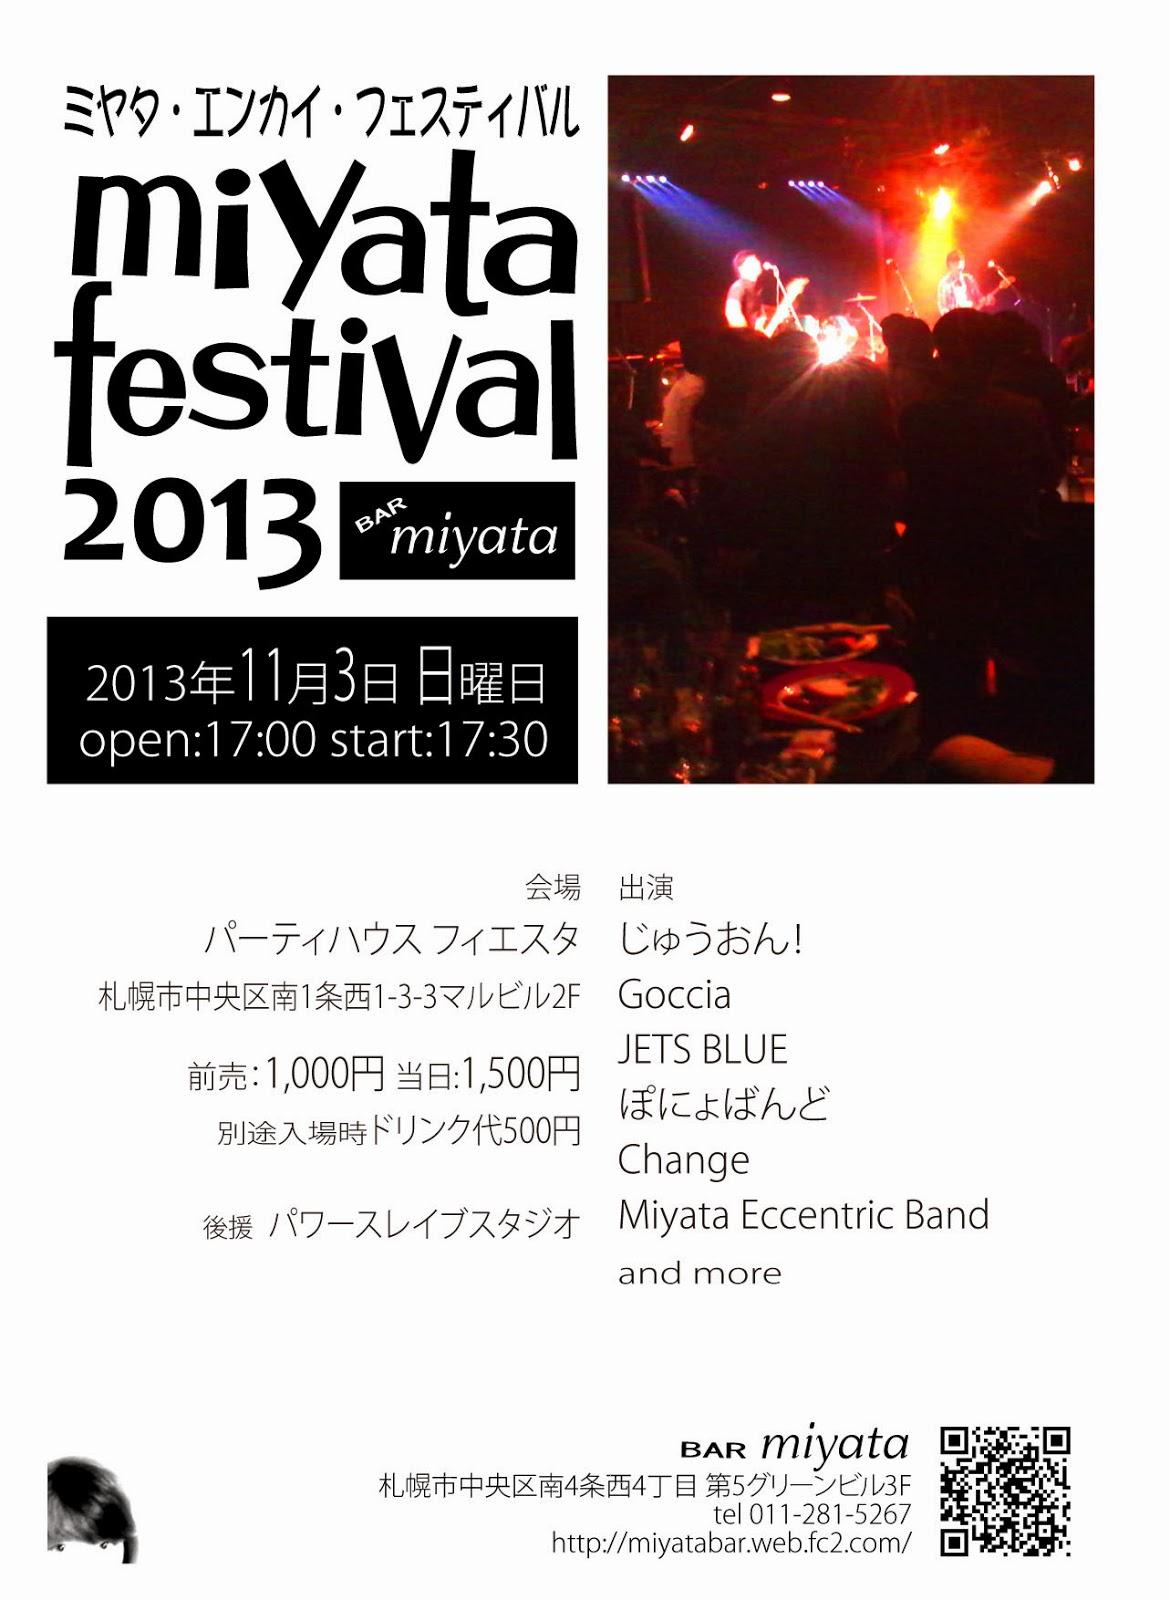 ミヤタ・エンカイ・フェスティバル